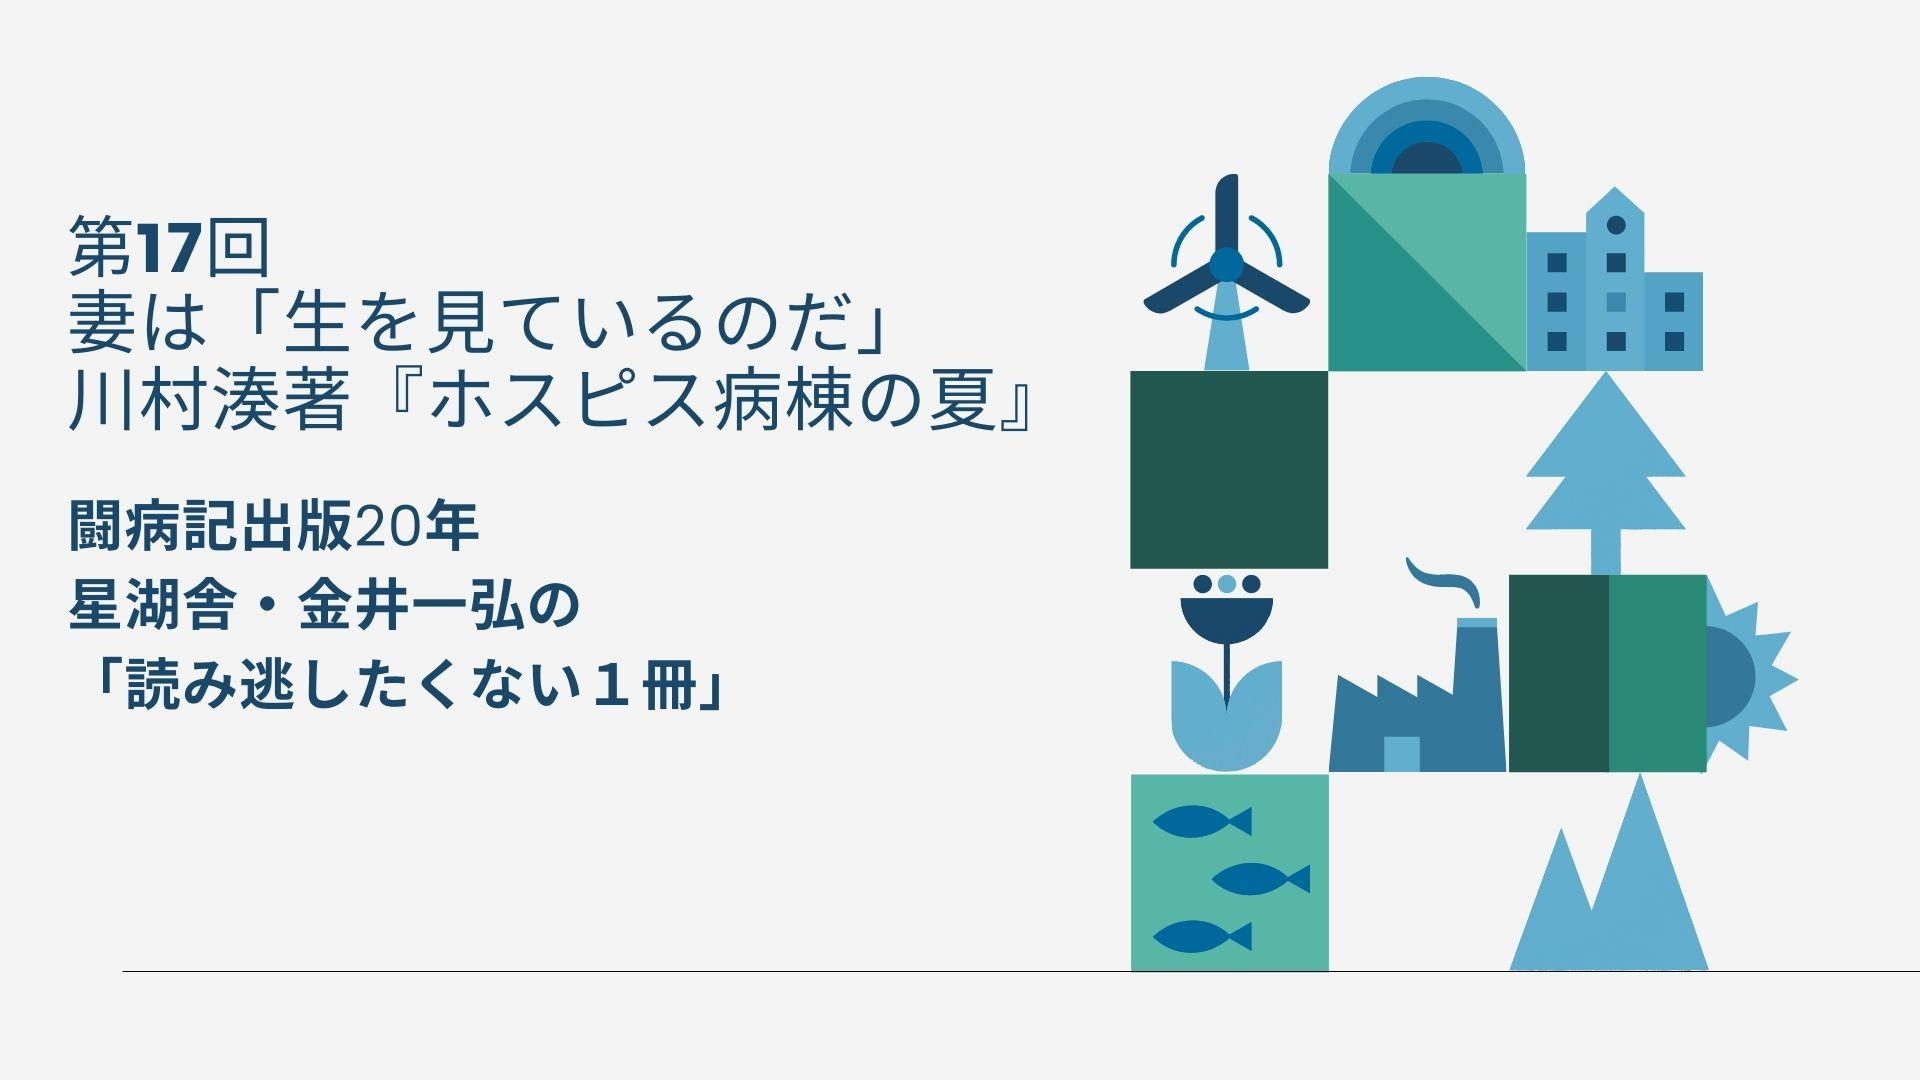 闘病記出版20年 星湖舎・金井一弘の 「読み逃したくない1冊」